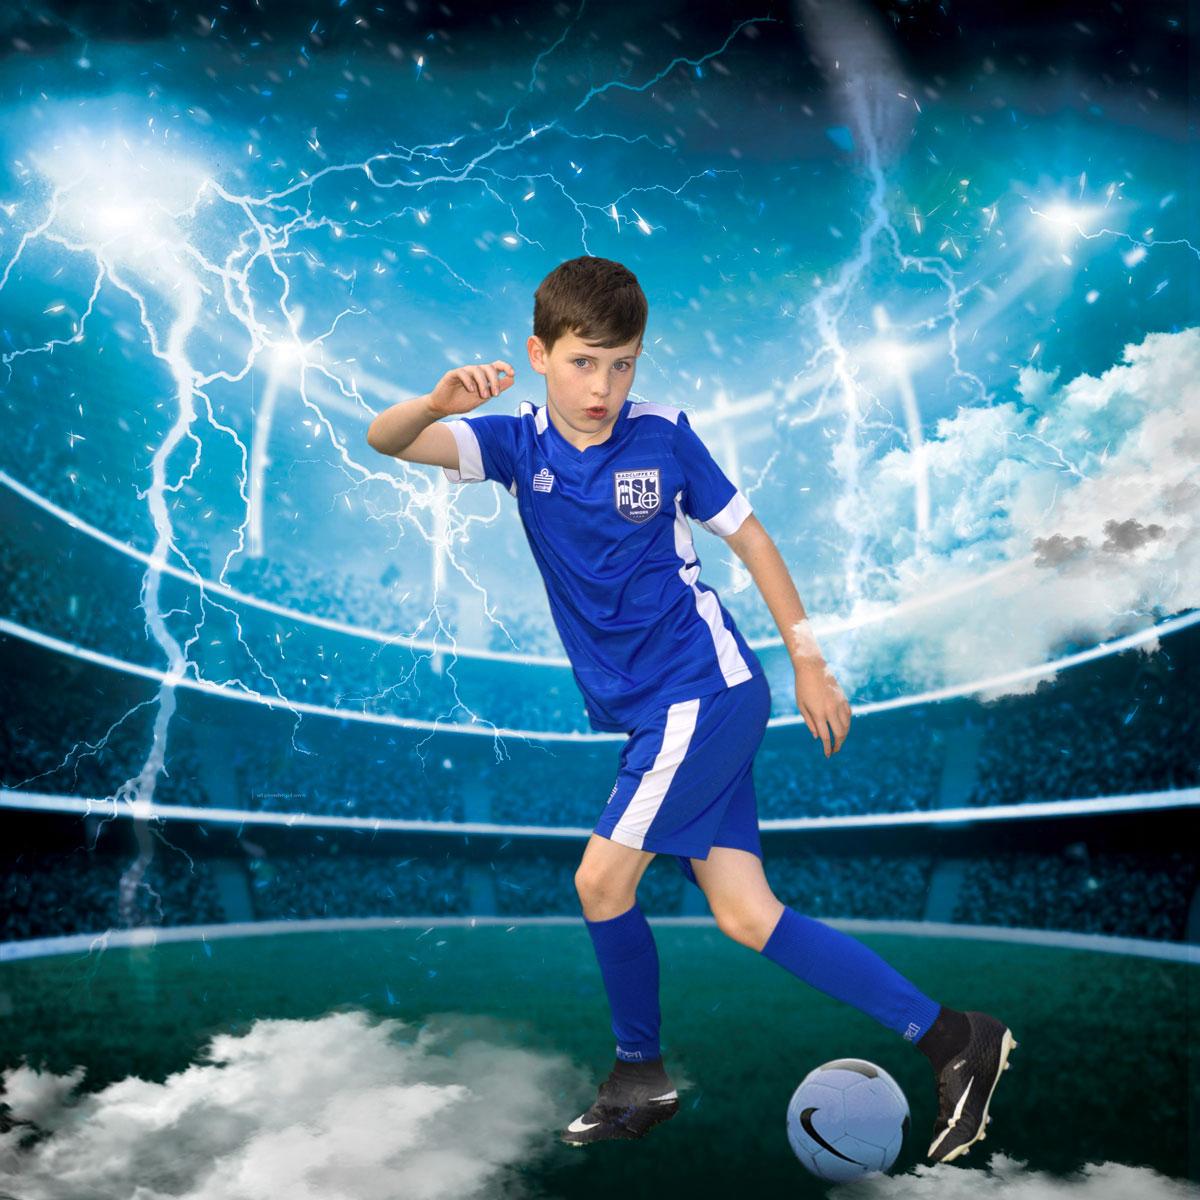 Jayden-football-composite-5